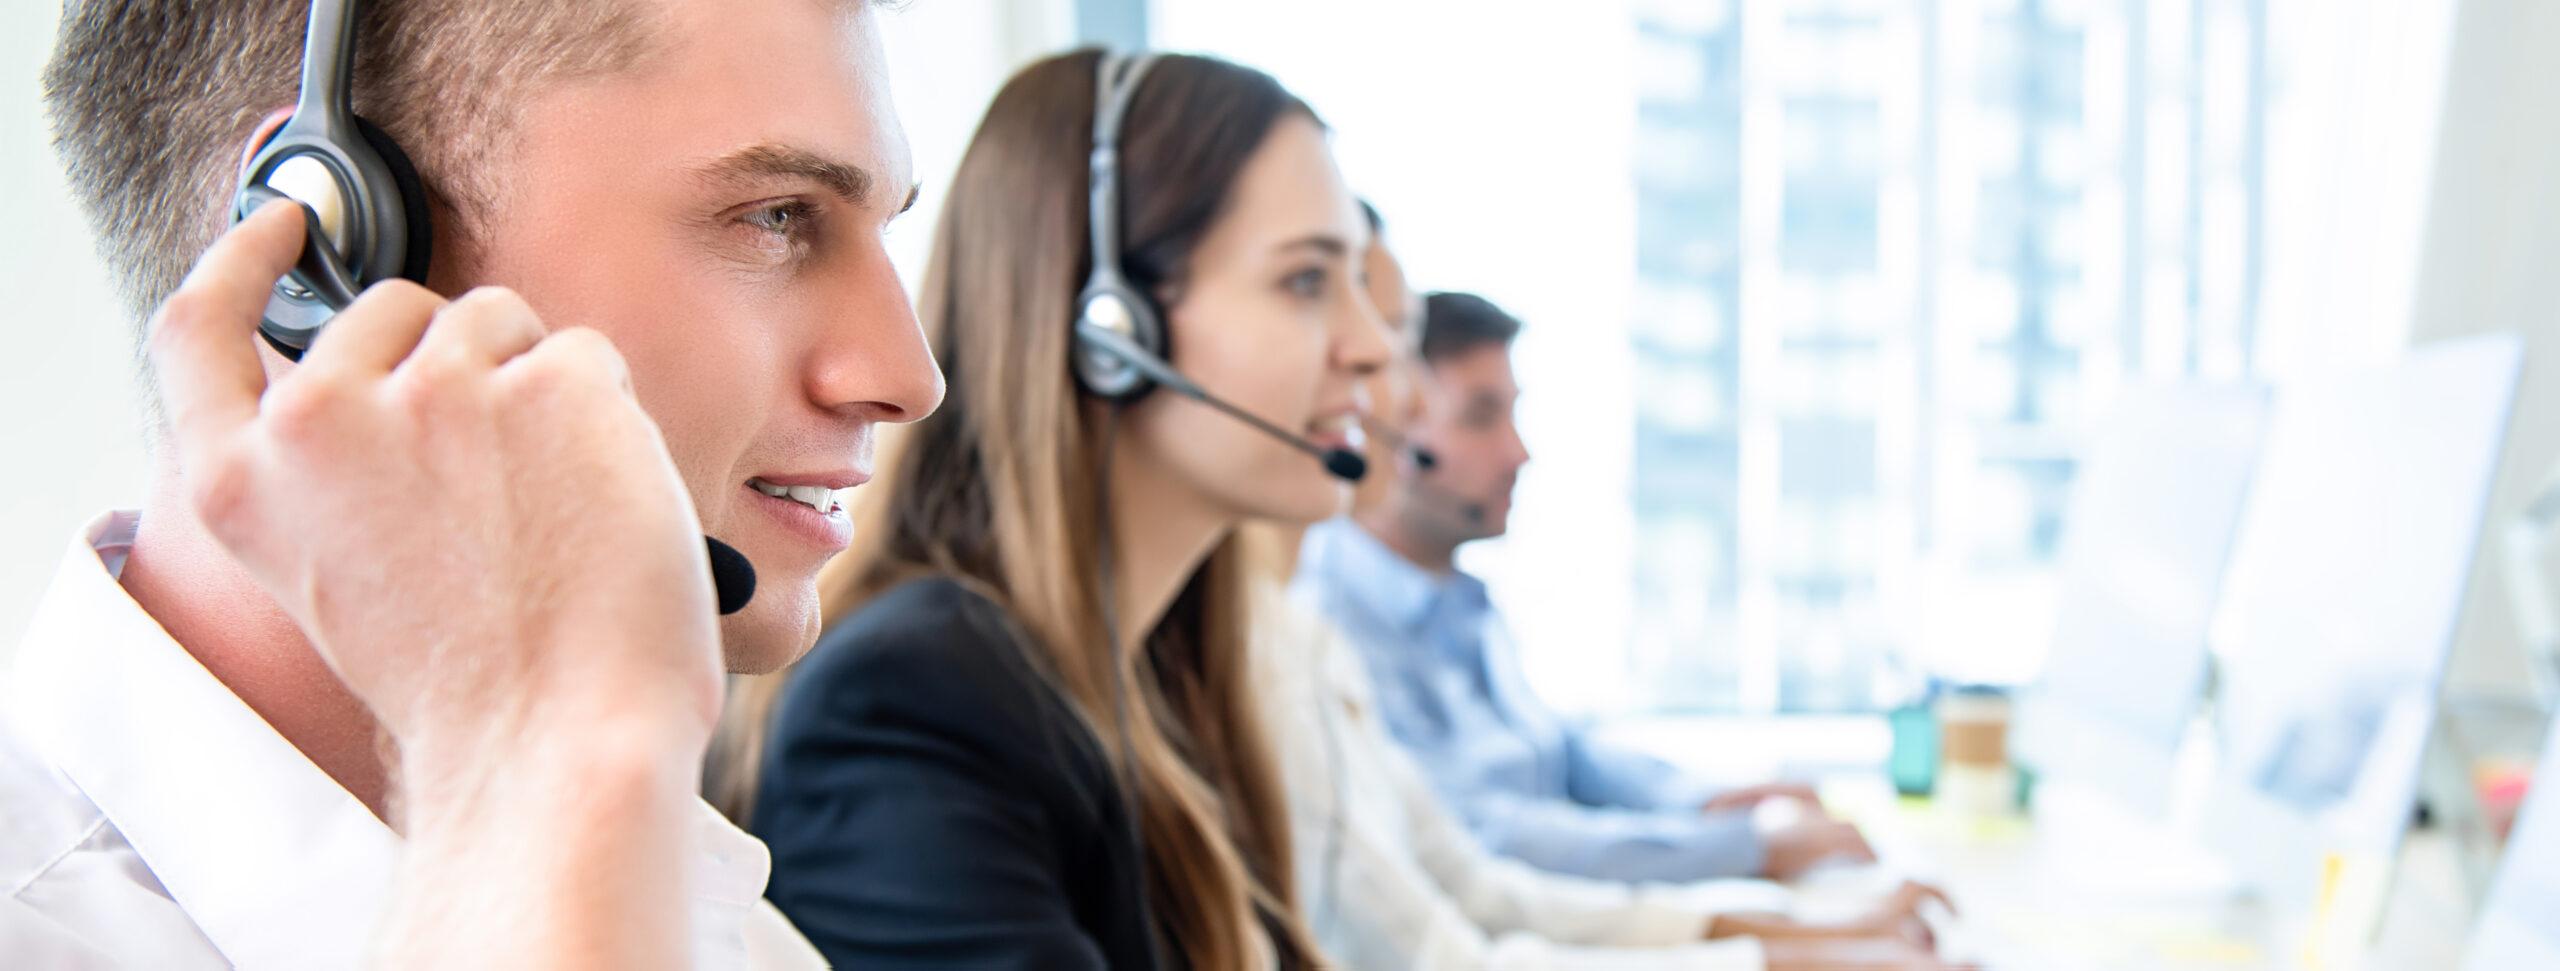 Vendas por telefone: aprenda a usar da forma correta